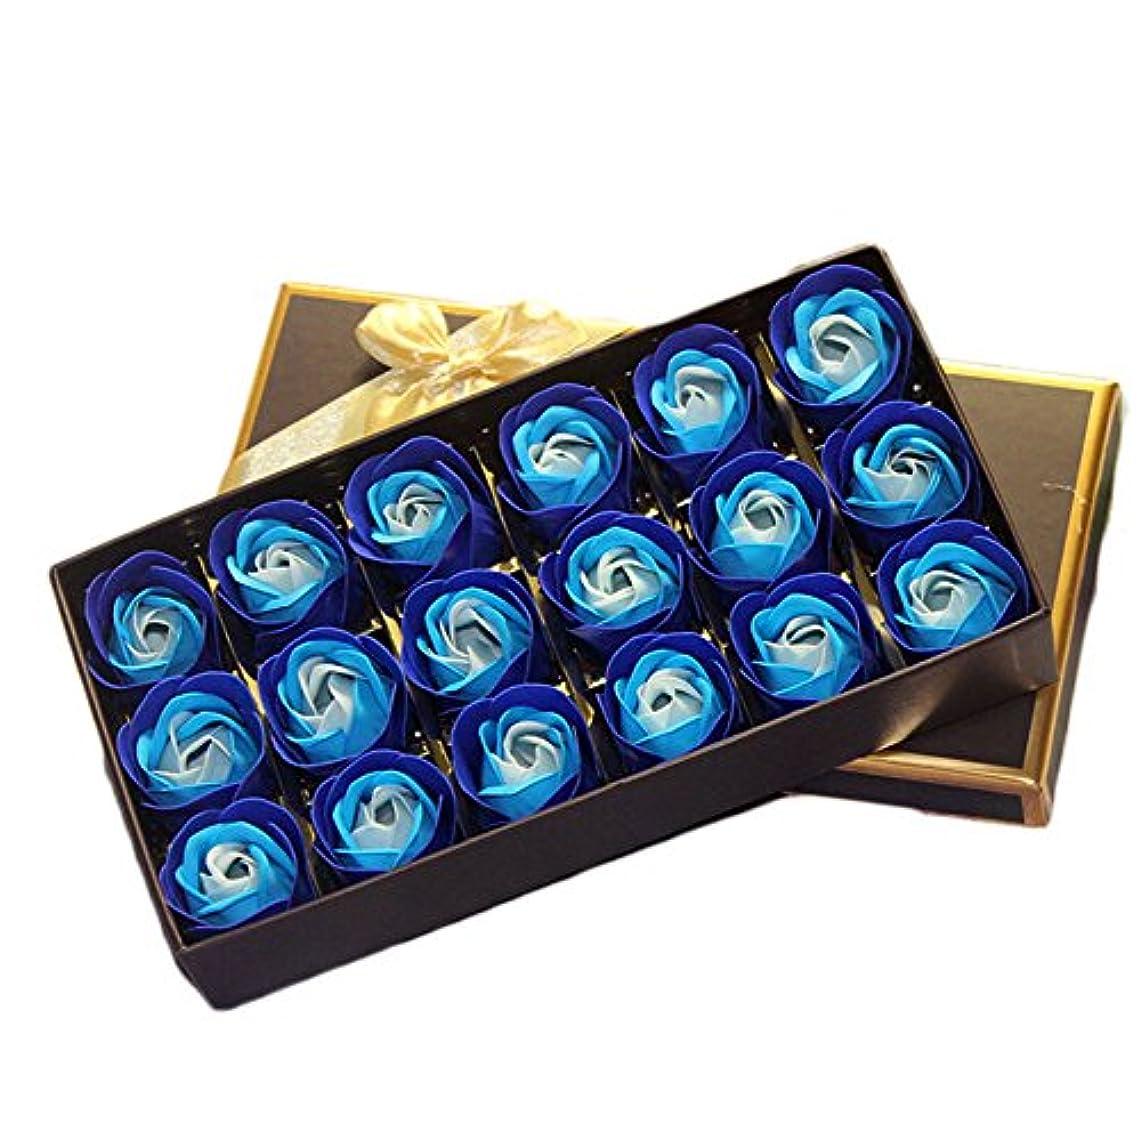 メンター罹患率自発18個バラ型 フラワーソープ ギフトボックス入り 石鹸 花 バラ セット 手作り 洗う 手 お風呂 香り 贈り物 (青 1)